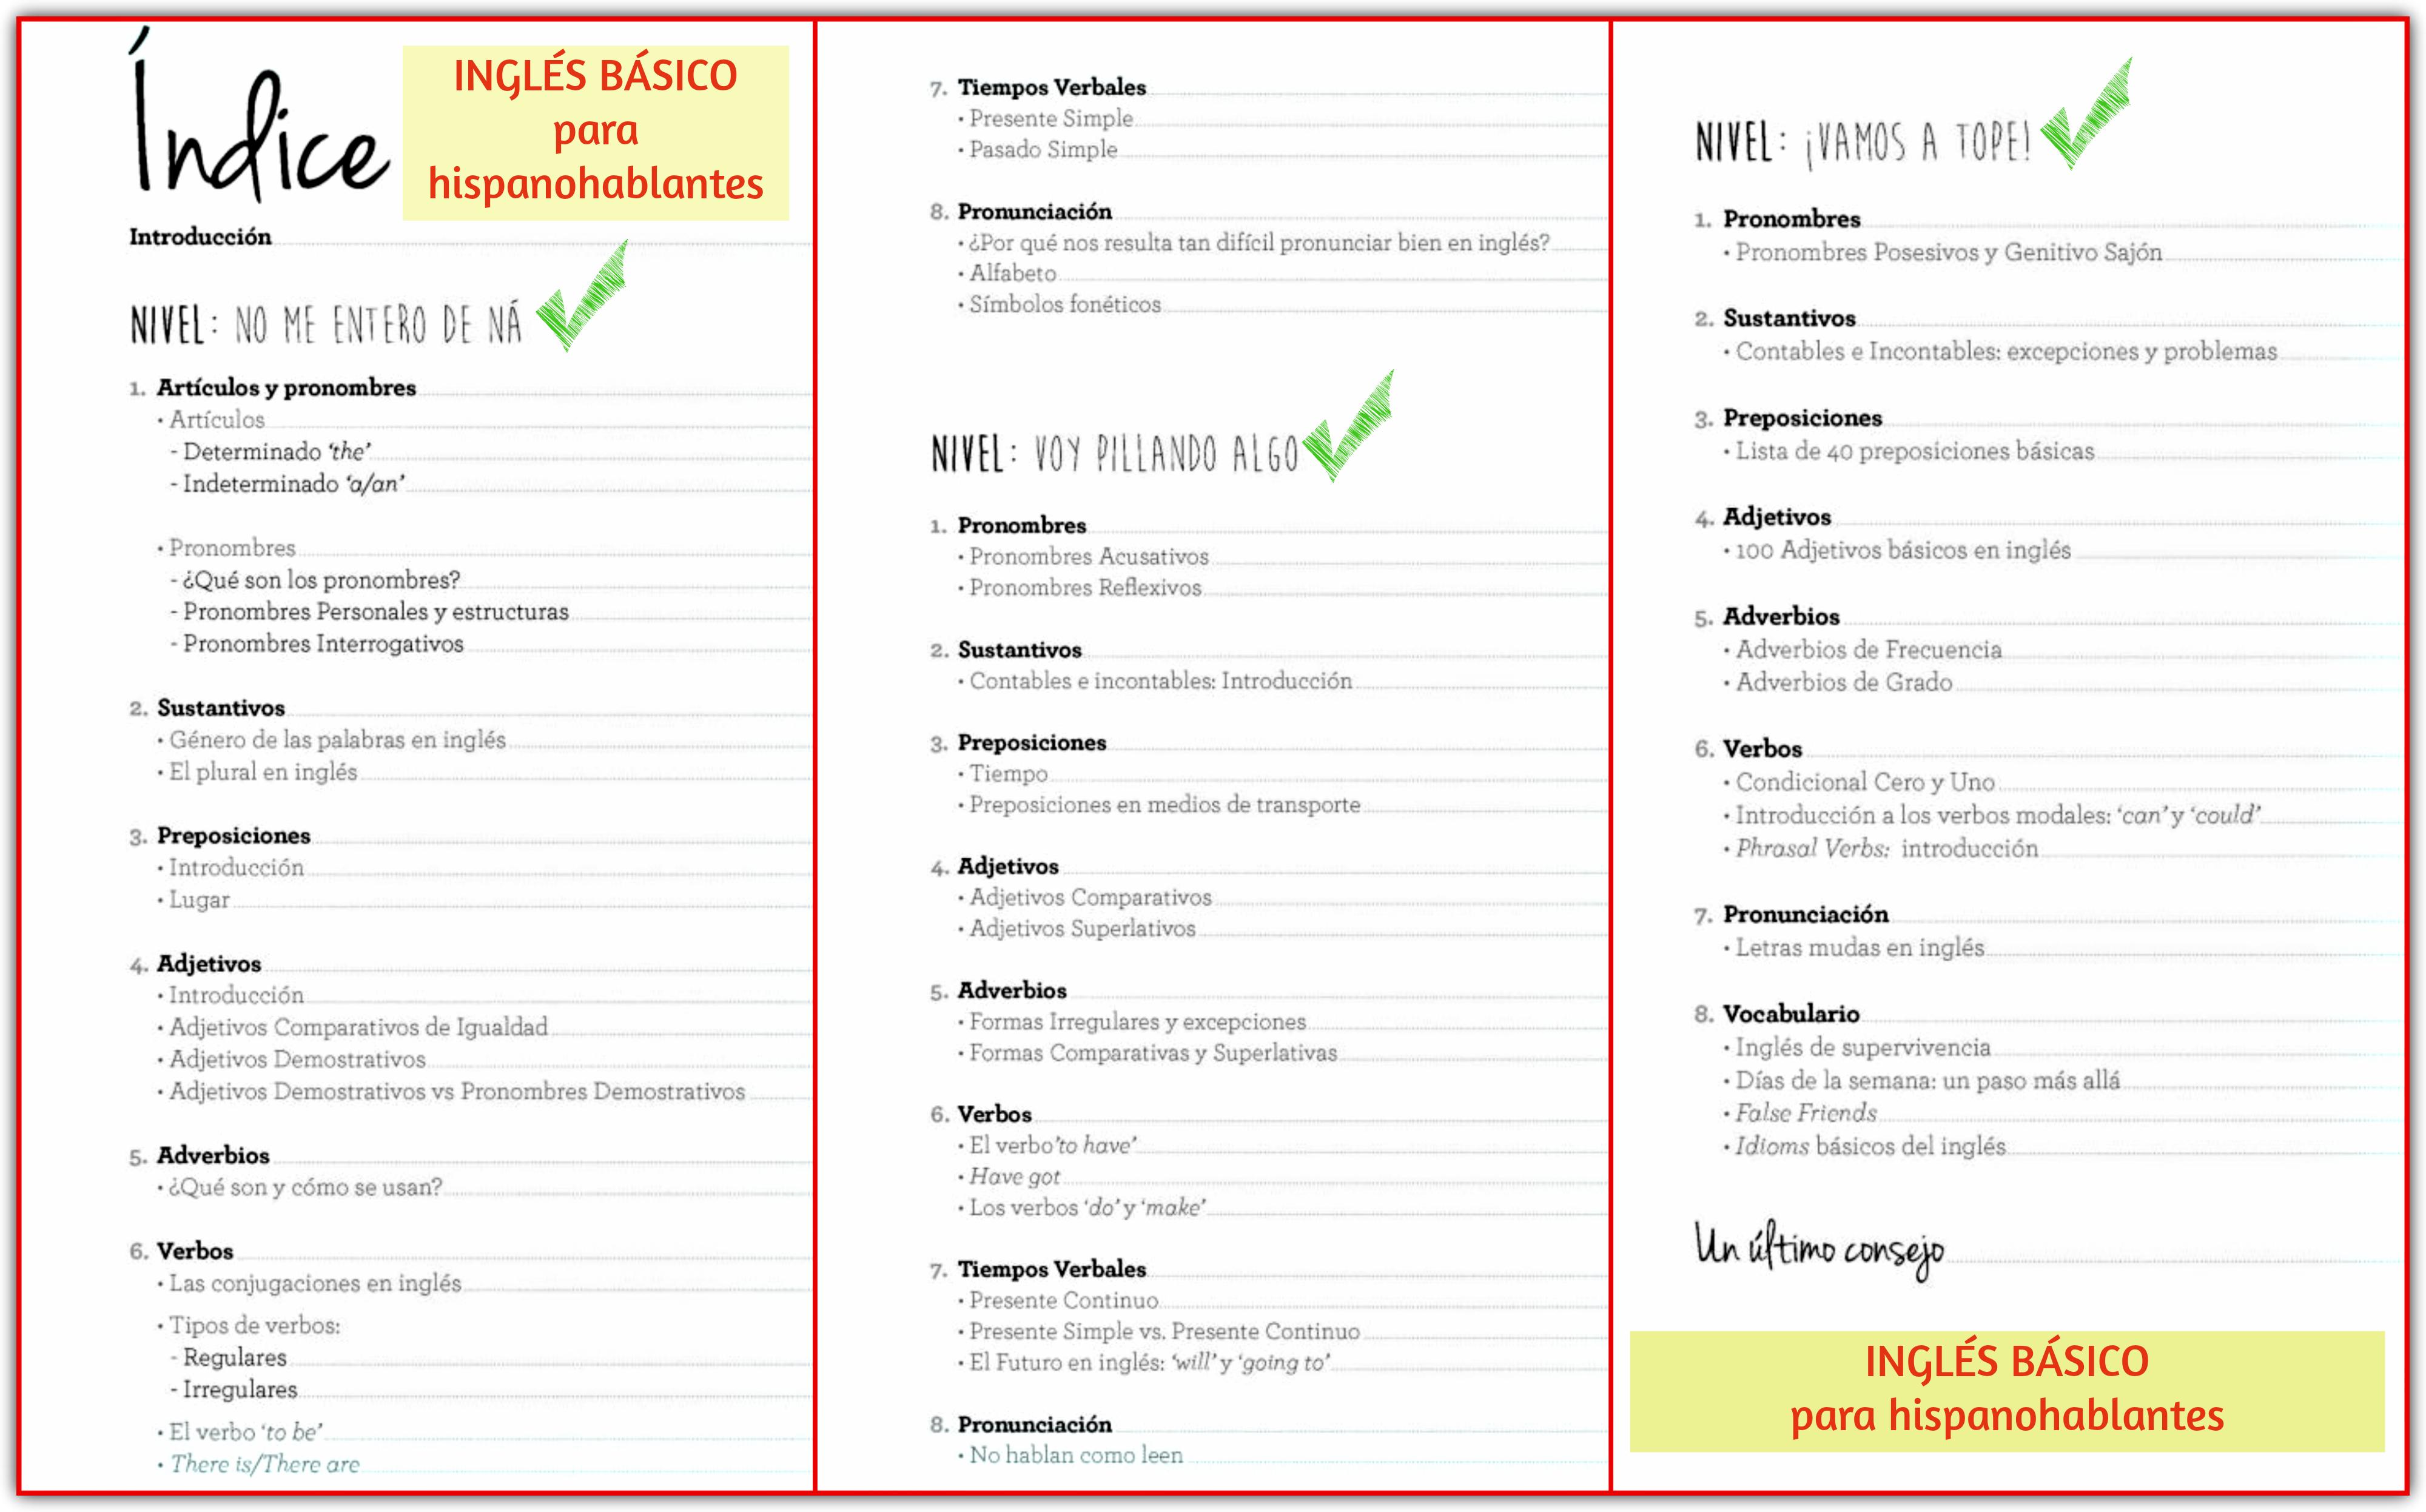 Libro de Inglés Básico para hispanohablantes